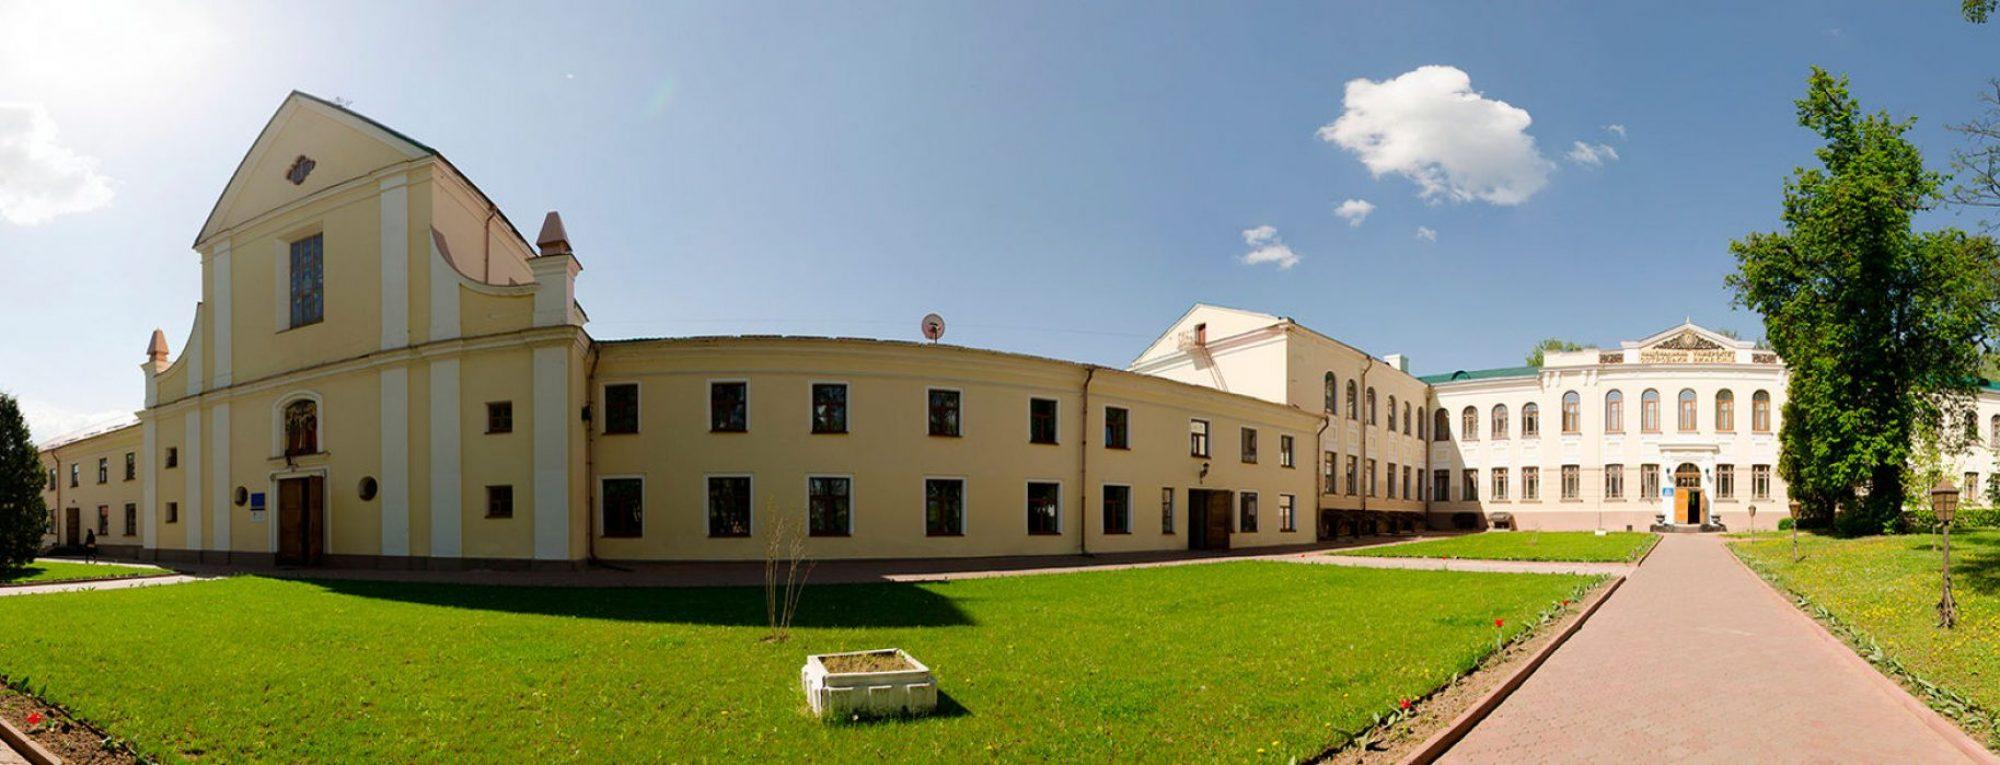 МБФ «Відродження Острозької академії»